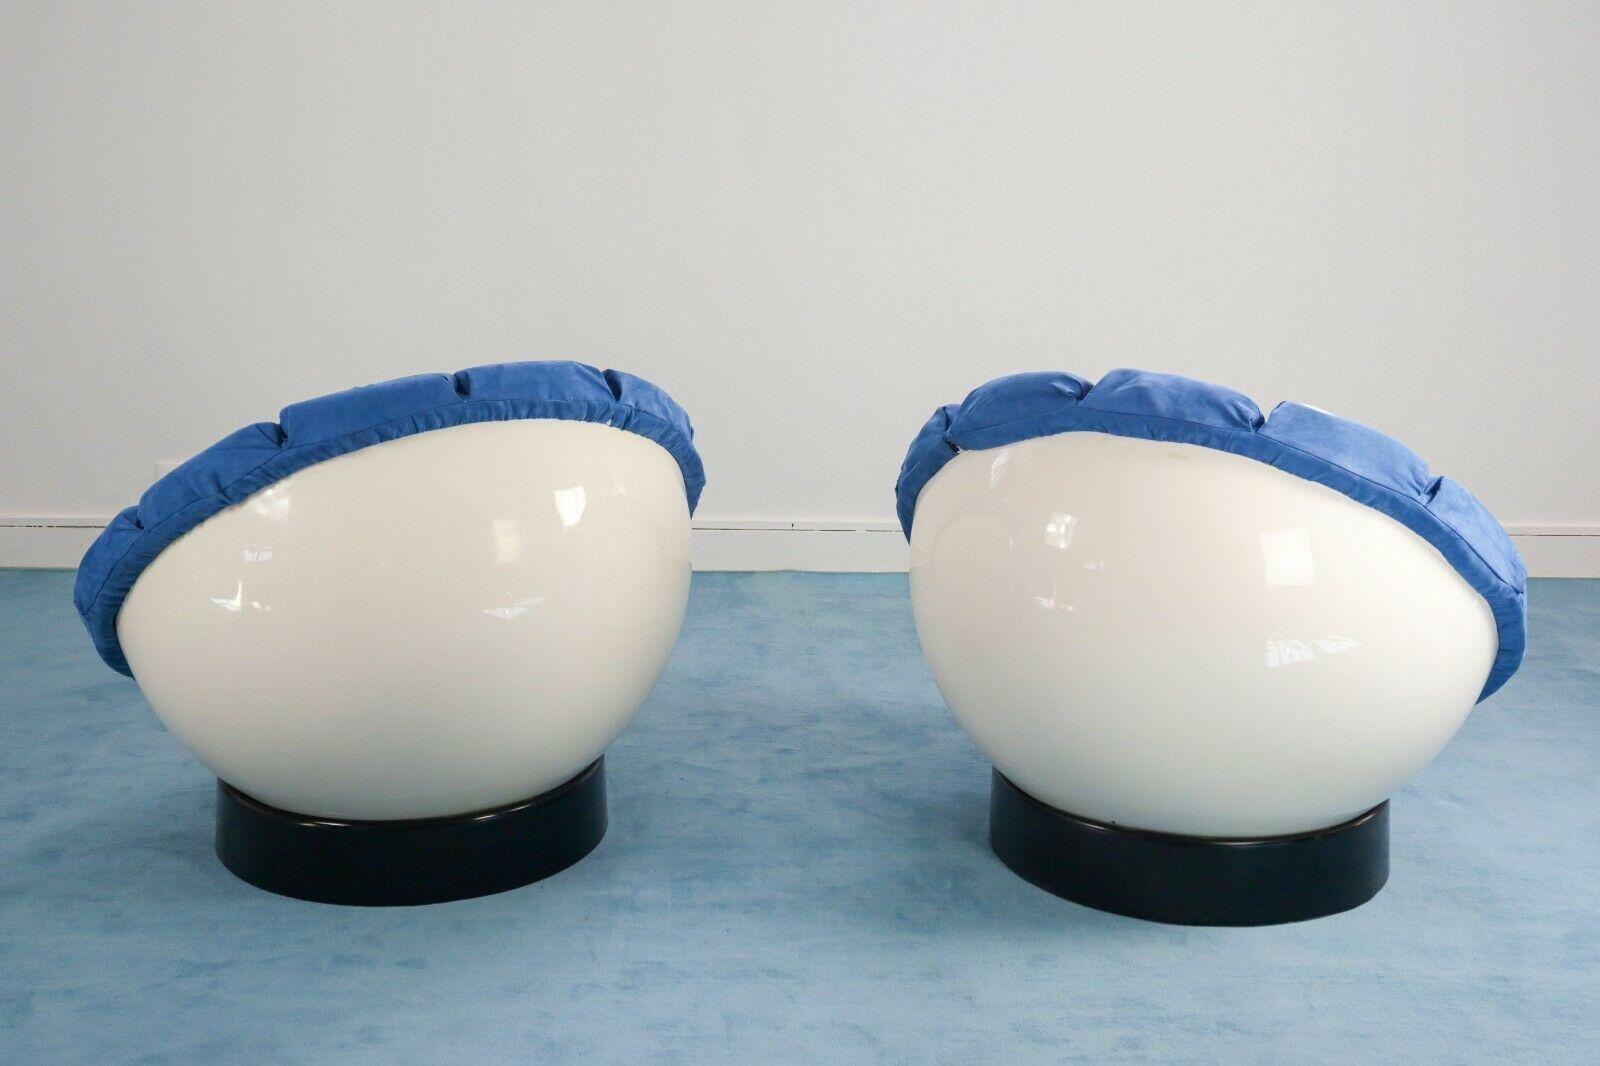 Coppia di poltrone anni 60 vintage reclinabili da rifoderare. Set Di Due Poltrone Girasole Luciano Frigerio Design Anni 60 Old Era